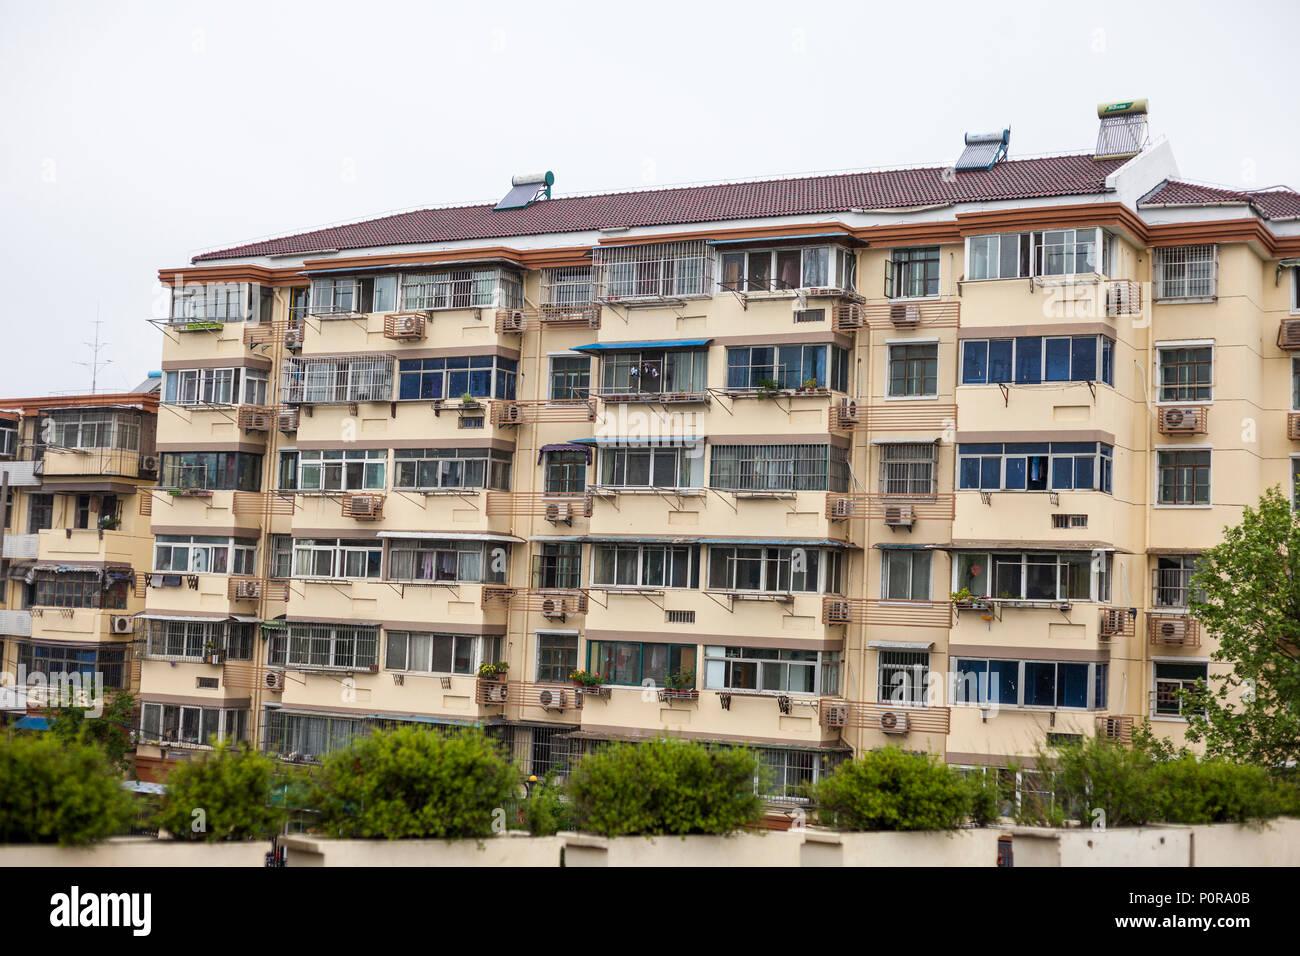 Nanjing, Jiangsu, Chine. Immeuble à appartements Climatiseurs individuels pour chaque appartement. Remarque Chauffe eau solaire sur le toit. Photo Stock